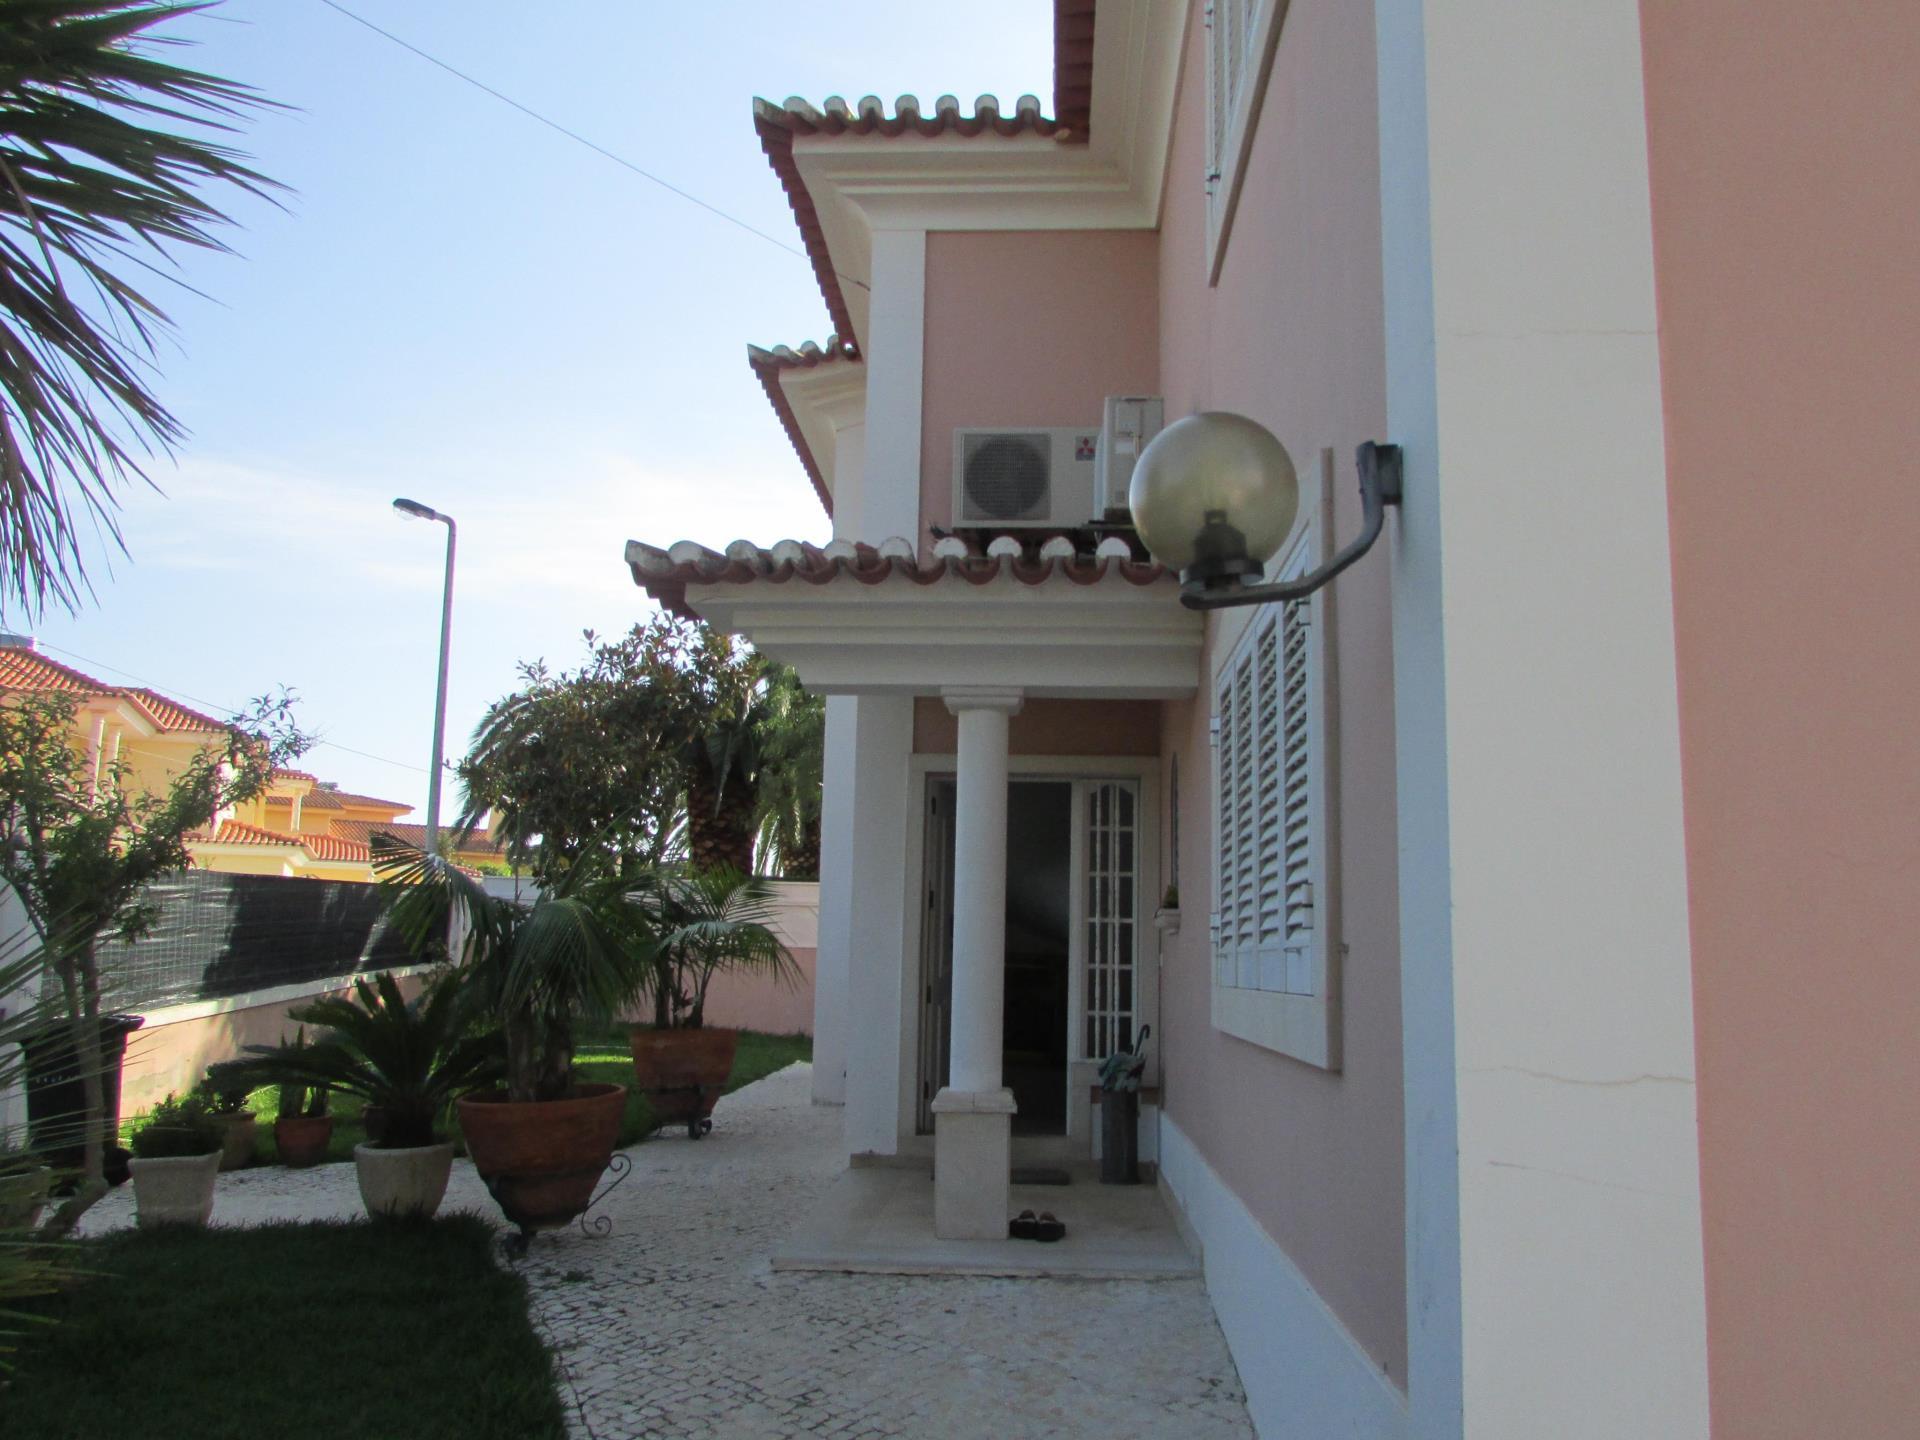 独户住宅 为 销售 在 House, 4 bedrooms, for Sale Cascais, 葡京 葡萄牙